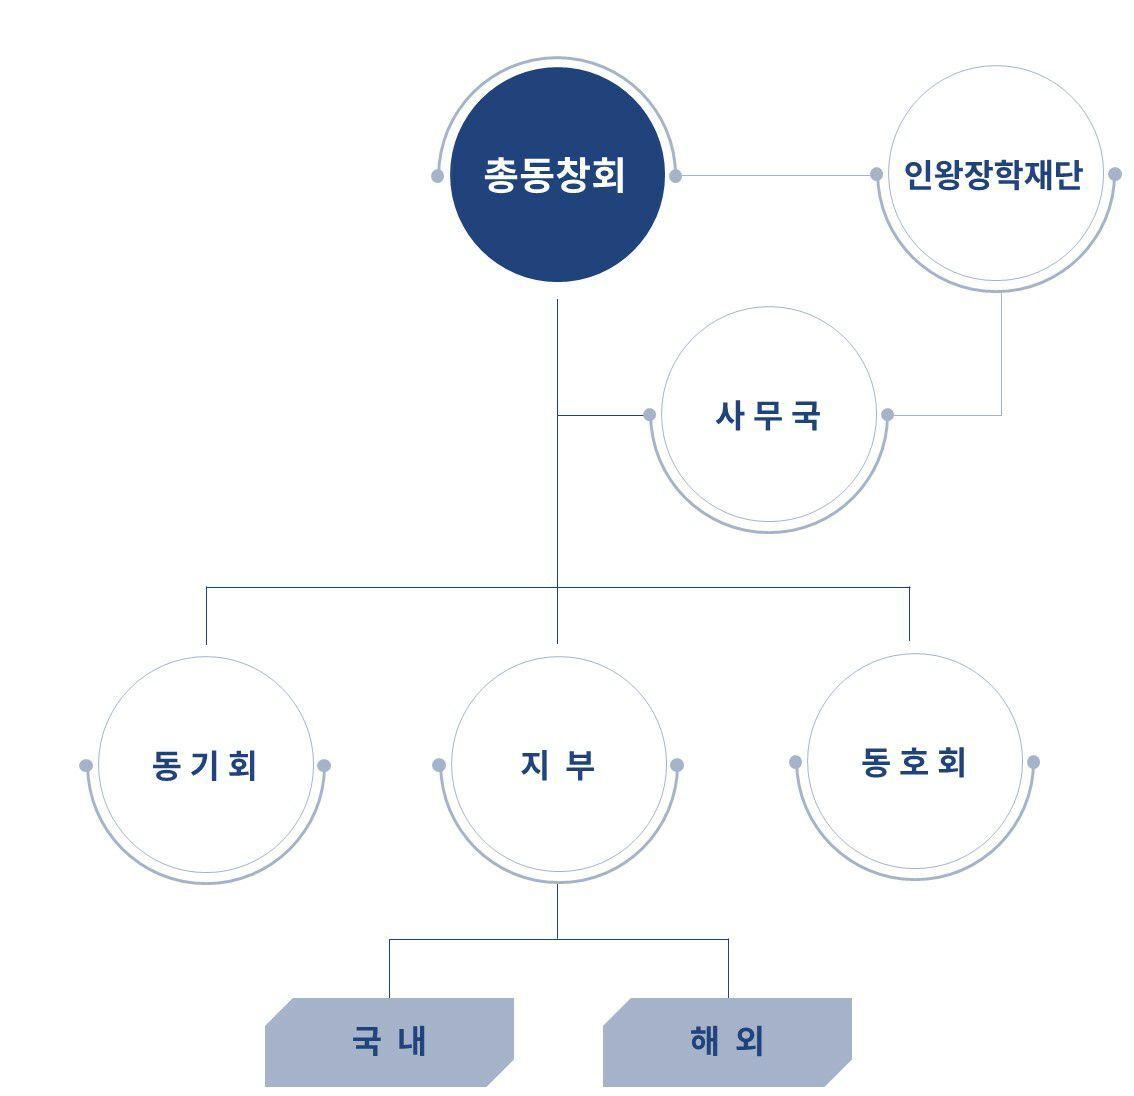 서울고 총동창회 리뉴얼 조직도.jpg